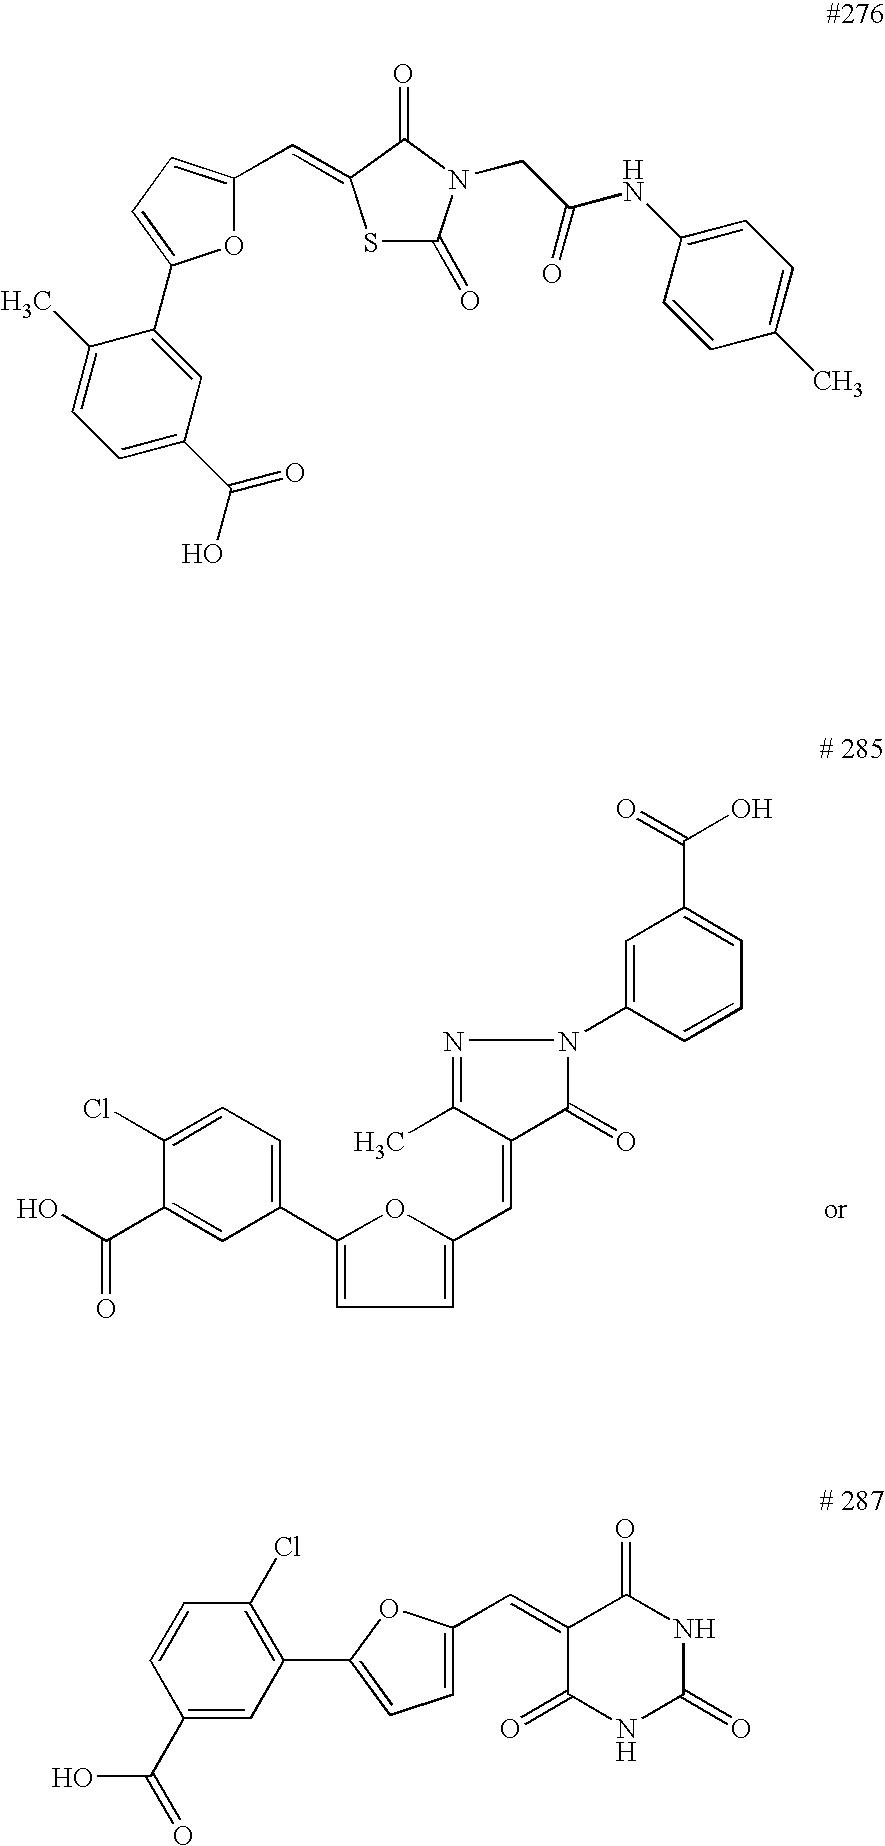 Figure US20070196395A1-20070823-C00162